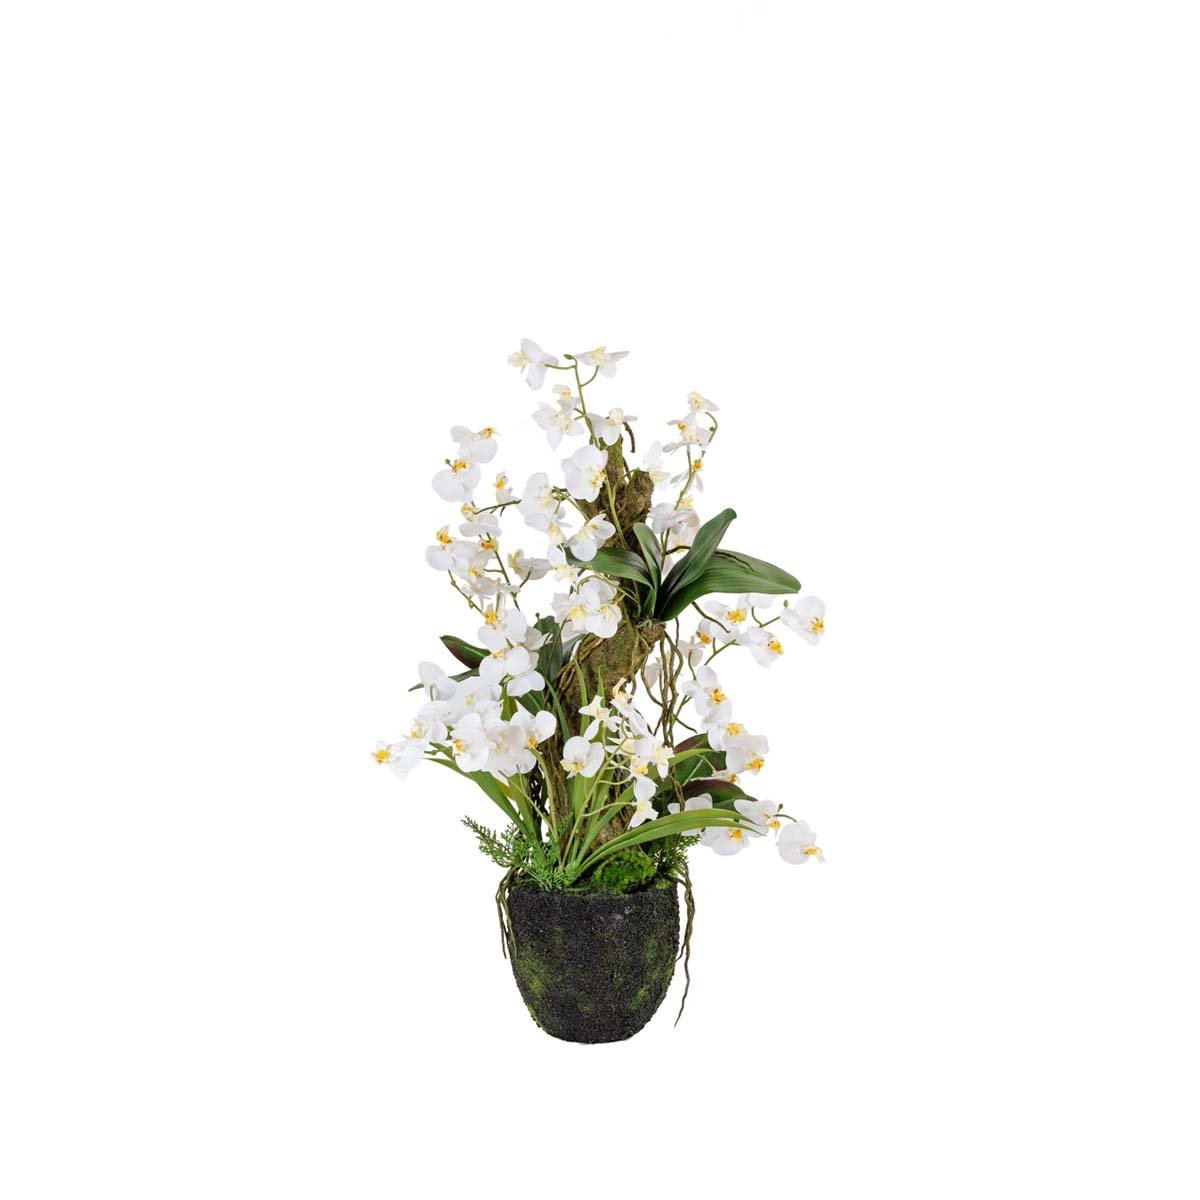 Orchidée arrangement H 80cm